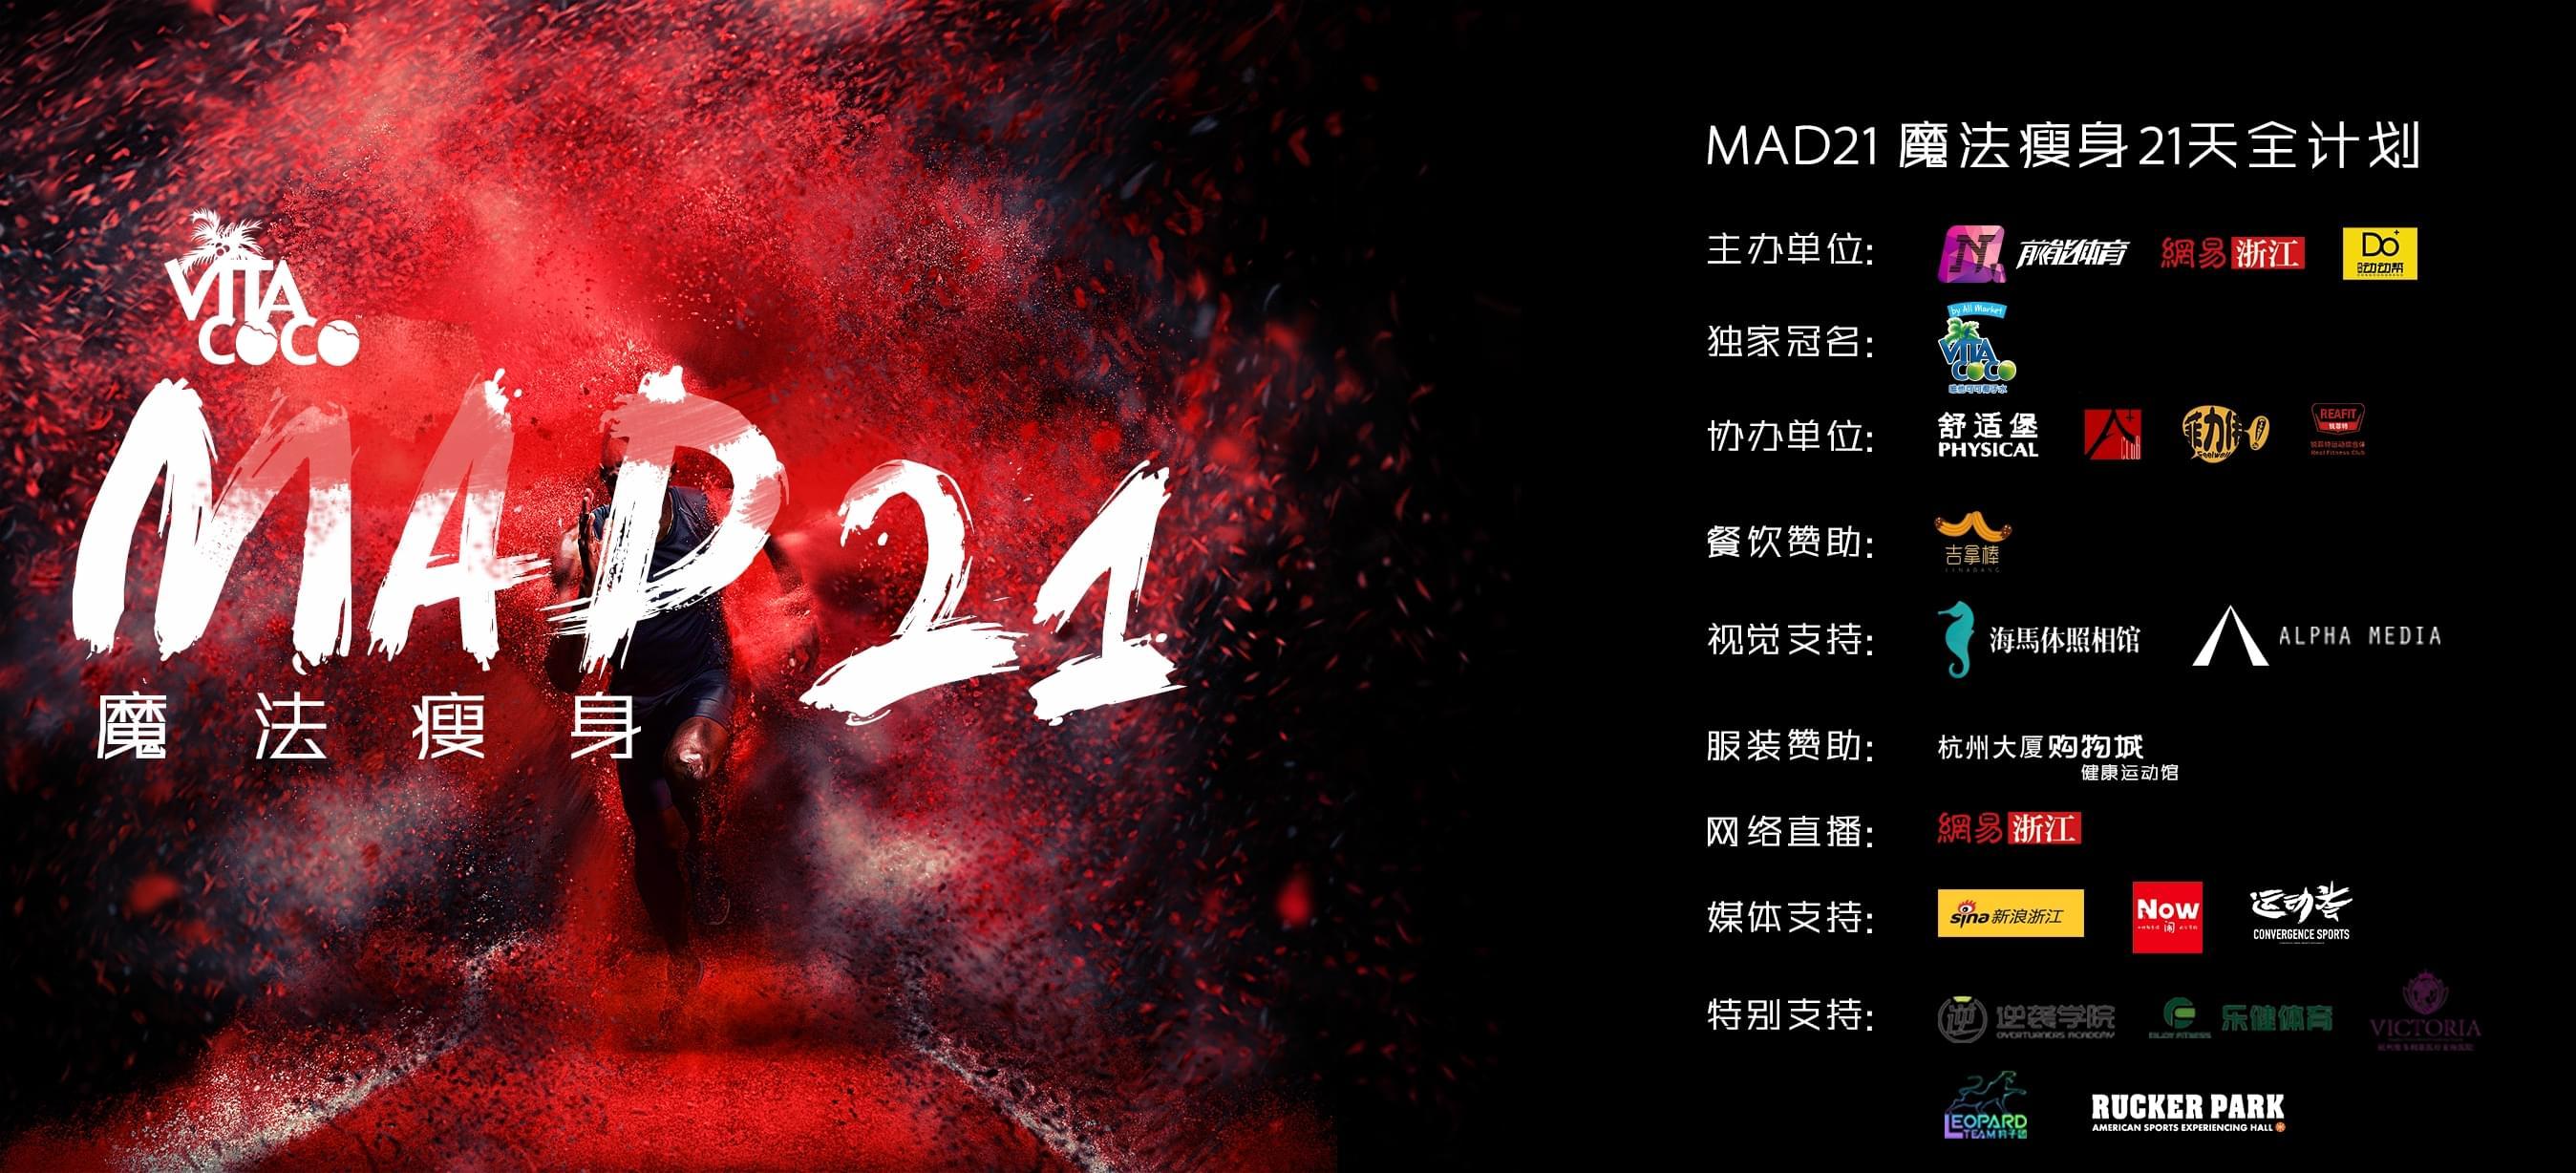 MAD21天闭幕式丨21天后,你已经是不一样的自己了